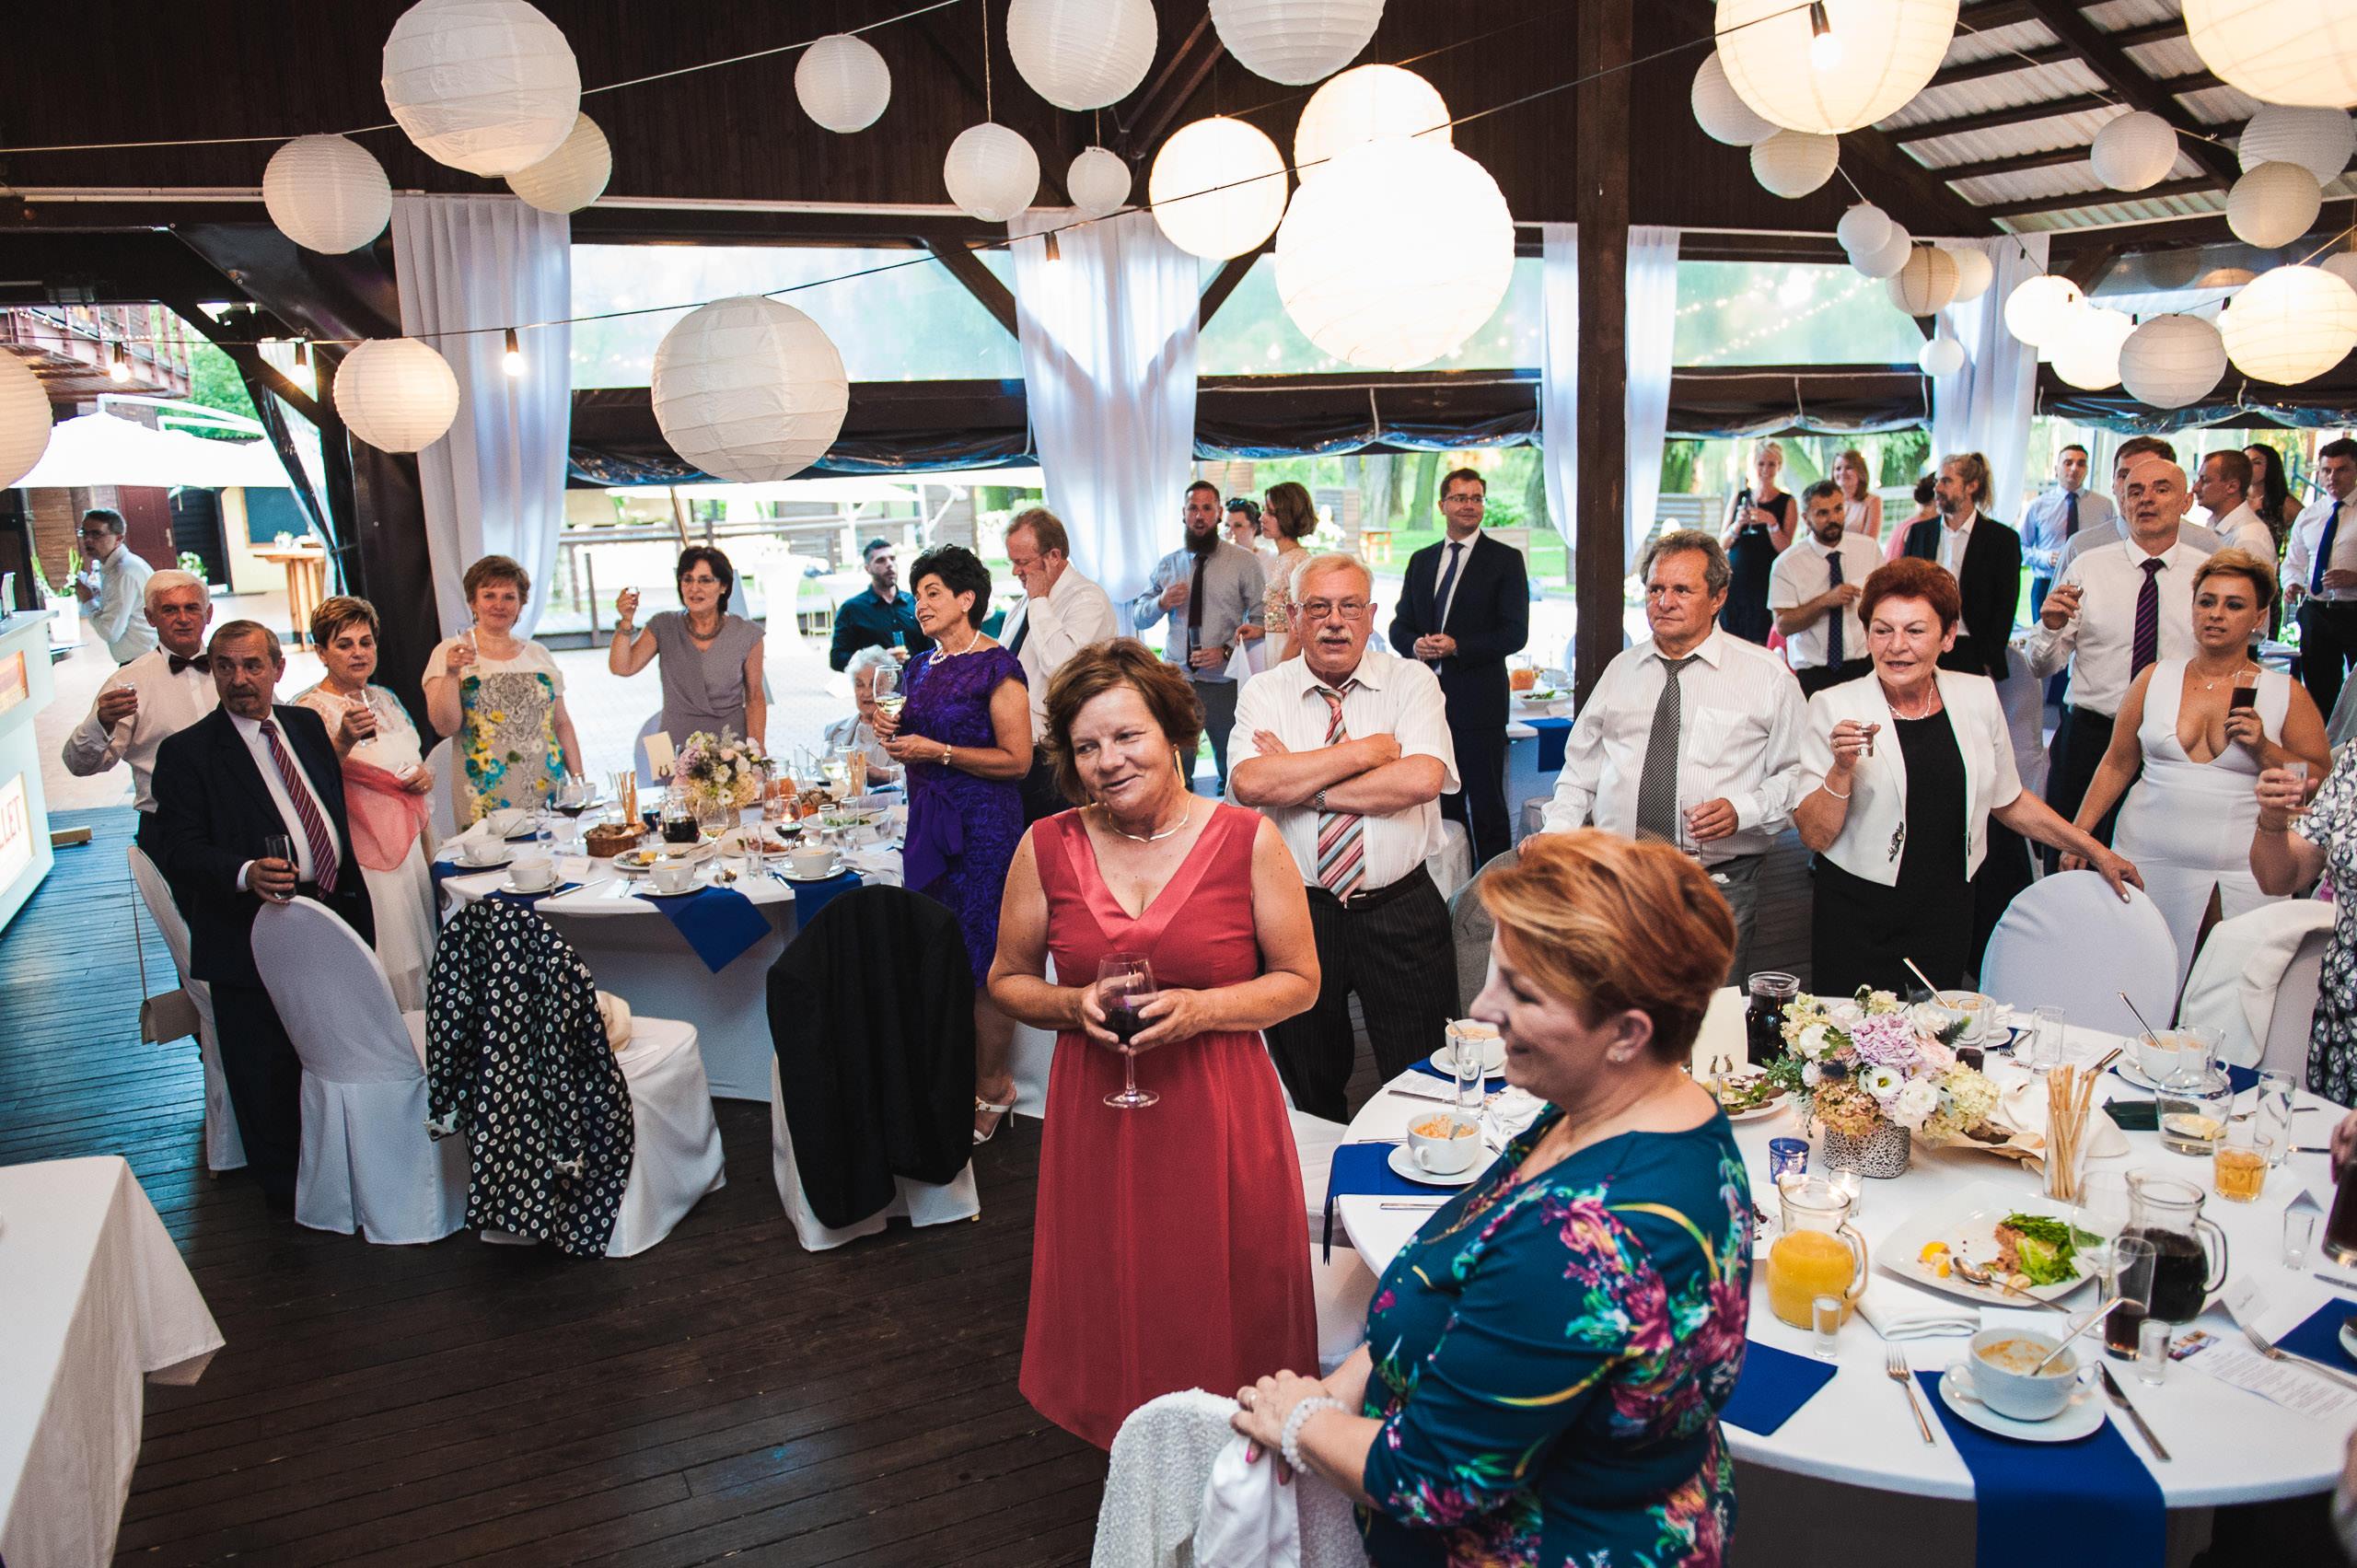 fotografia slubna warszawa 62 restauracja boathouse wal miedzyszynski